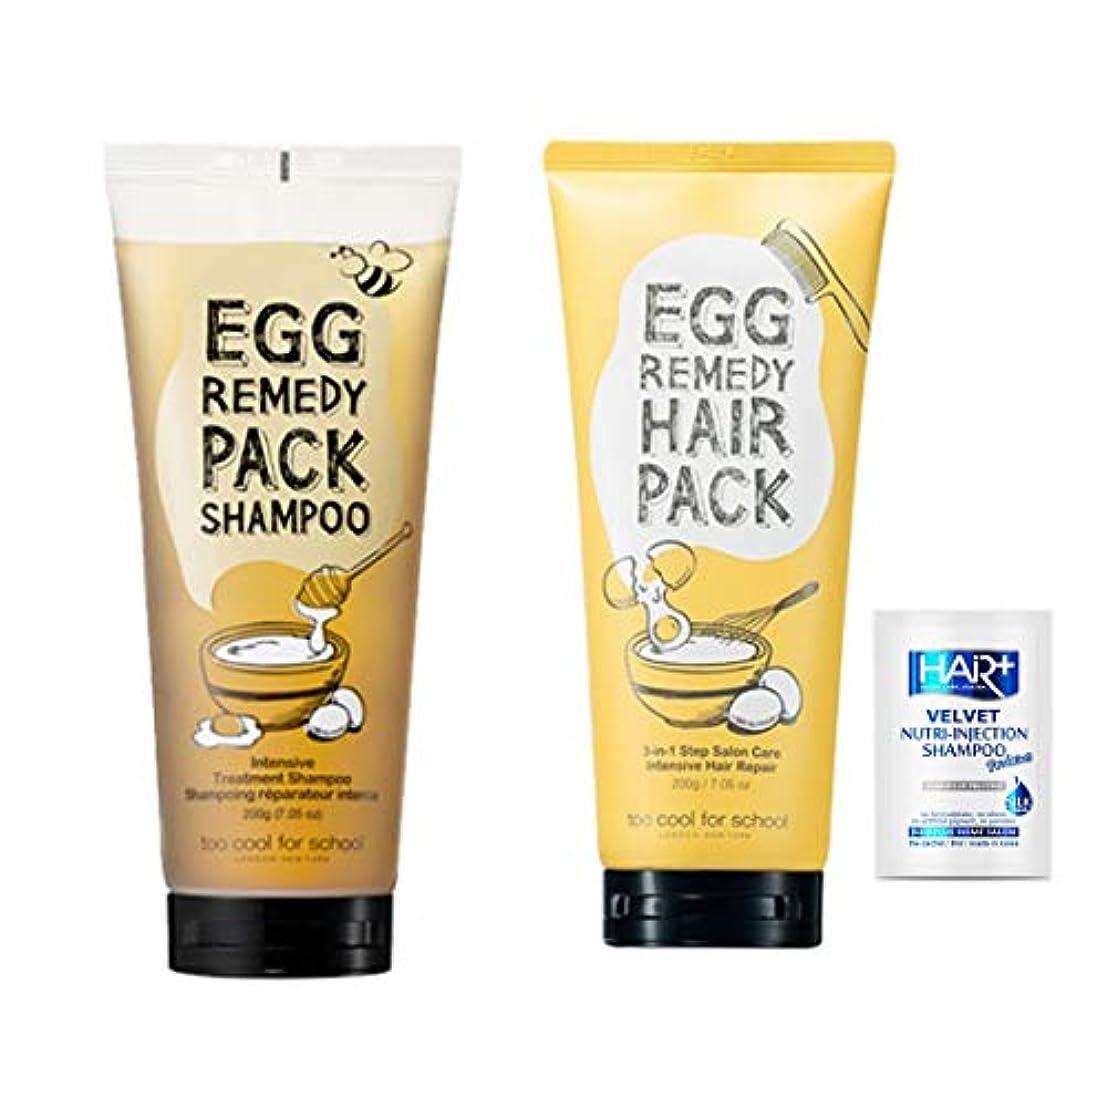 知事段階内訳トゥークールフォ―スクール(too cool for school)/エッグレミディパックシャンプーtoo cool for school Egg Remedy Pack Shampoo 200ml + エッグレミディヘアパック...